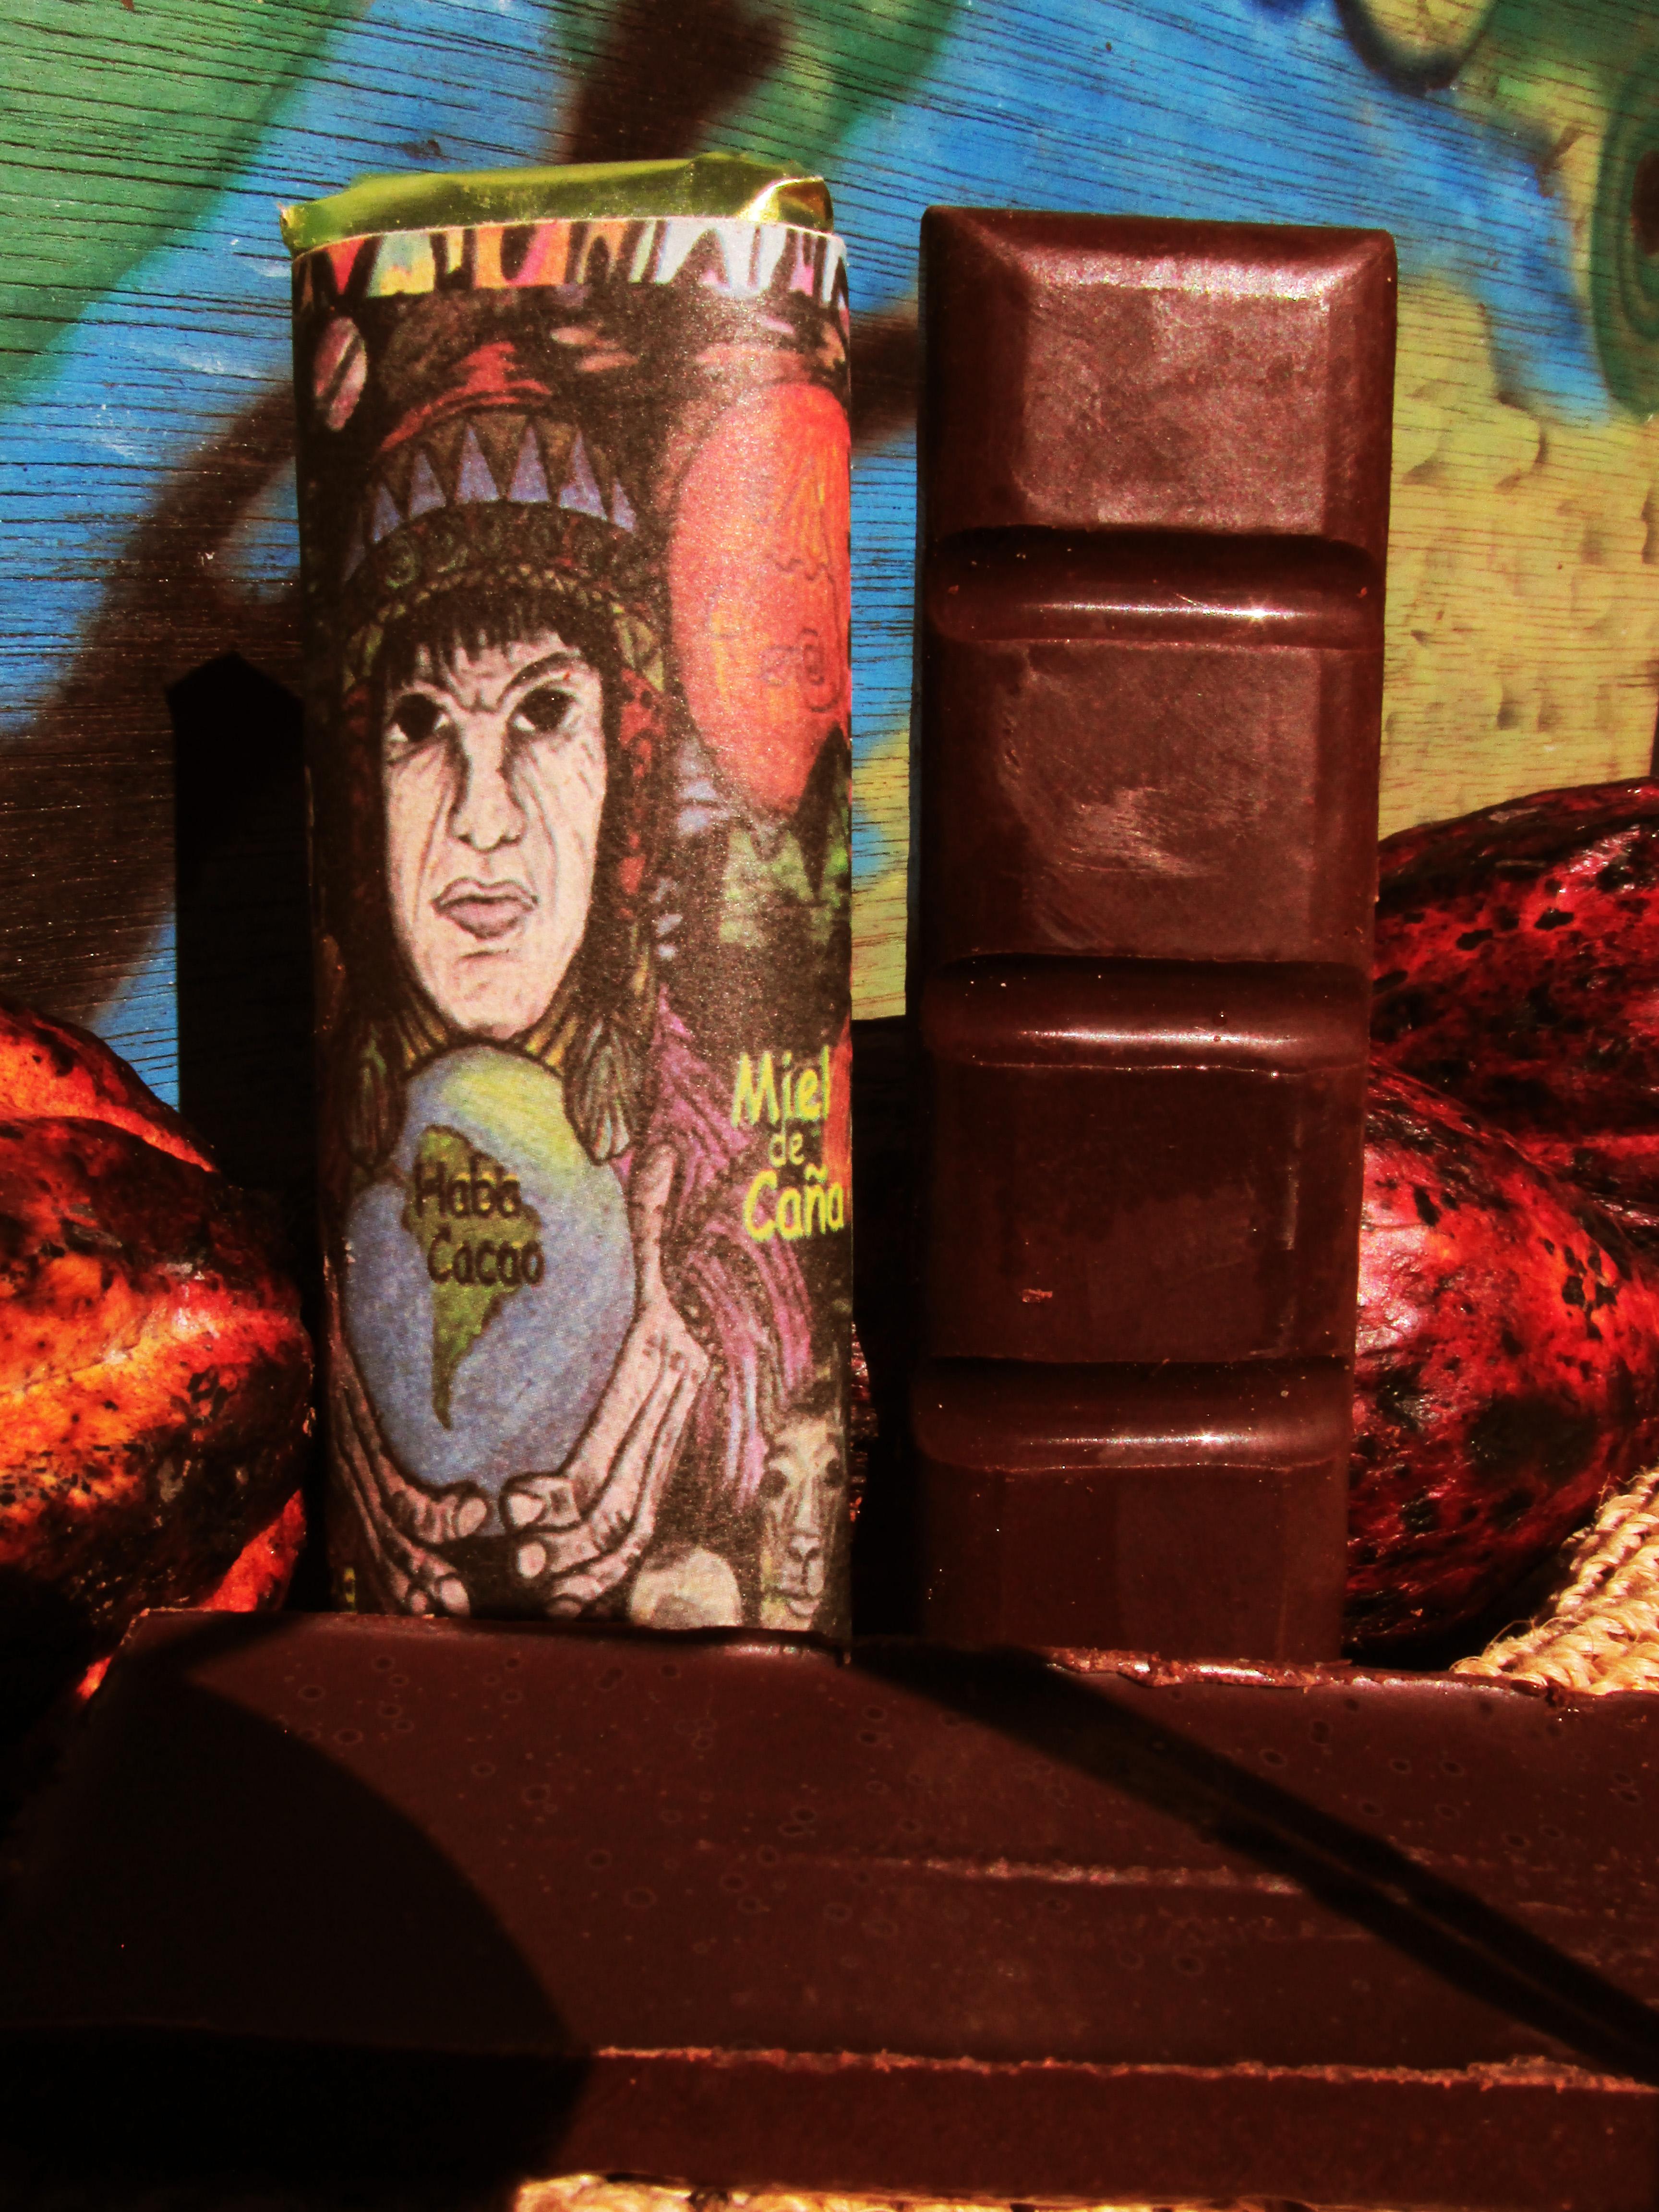 Haba cacao 3